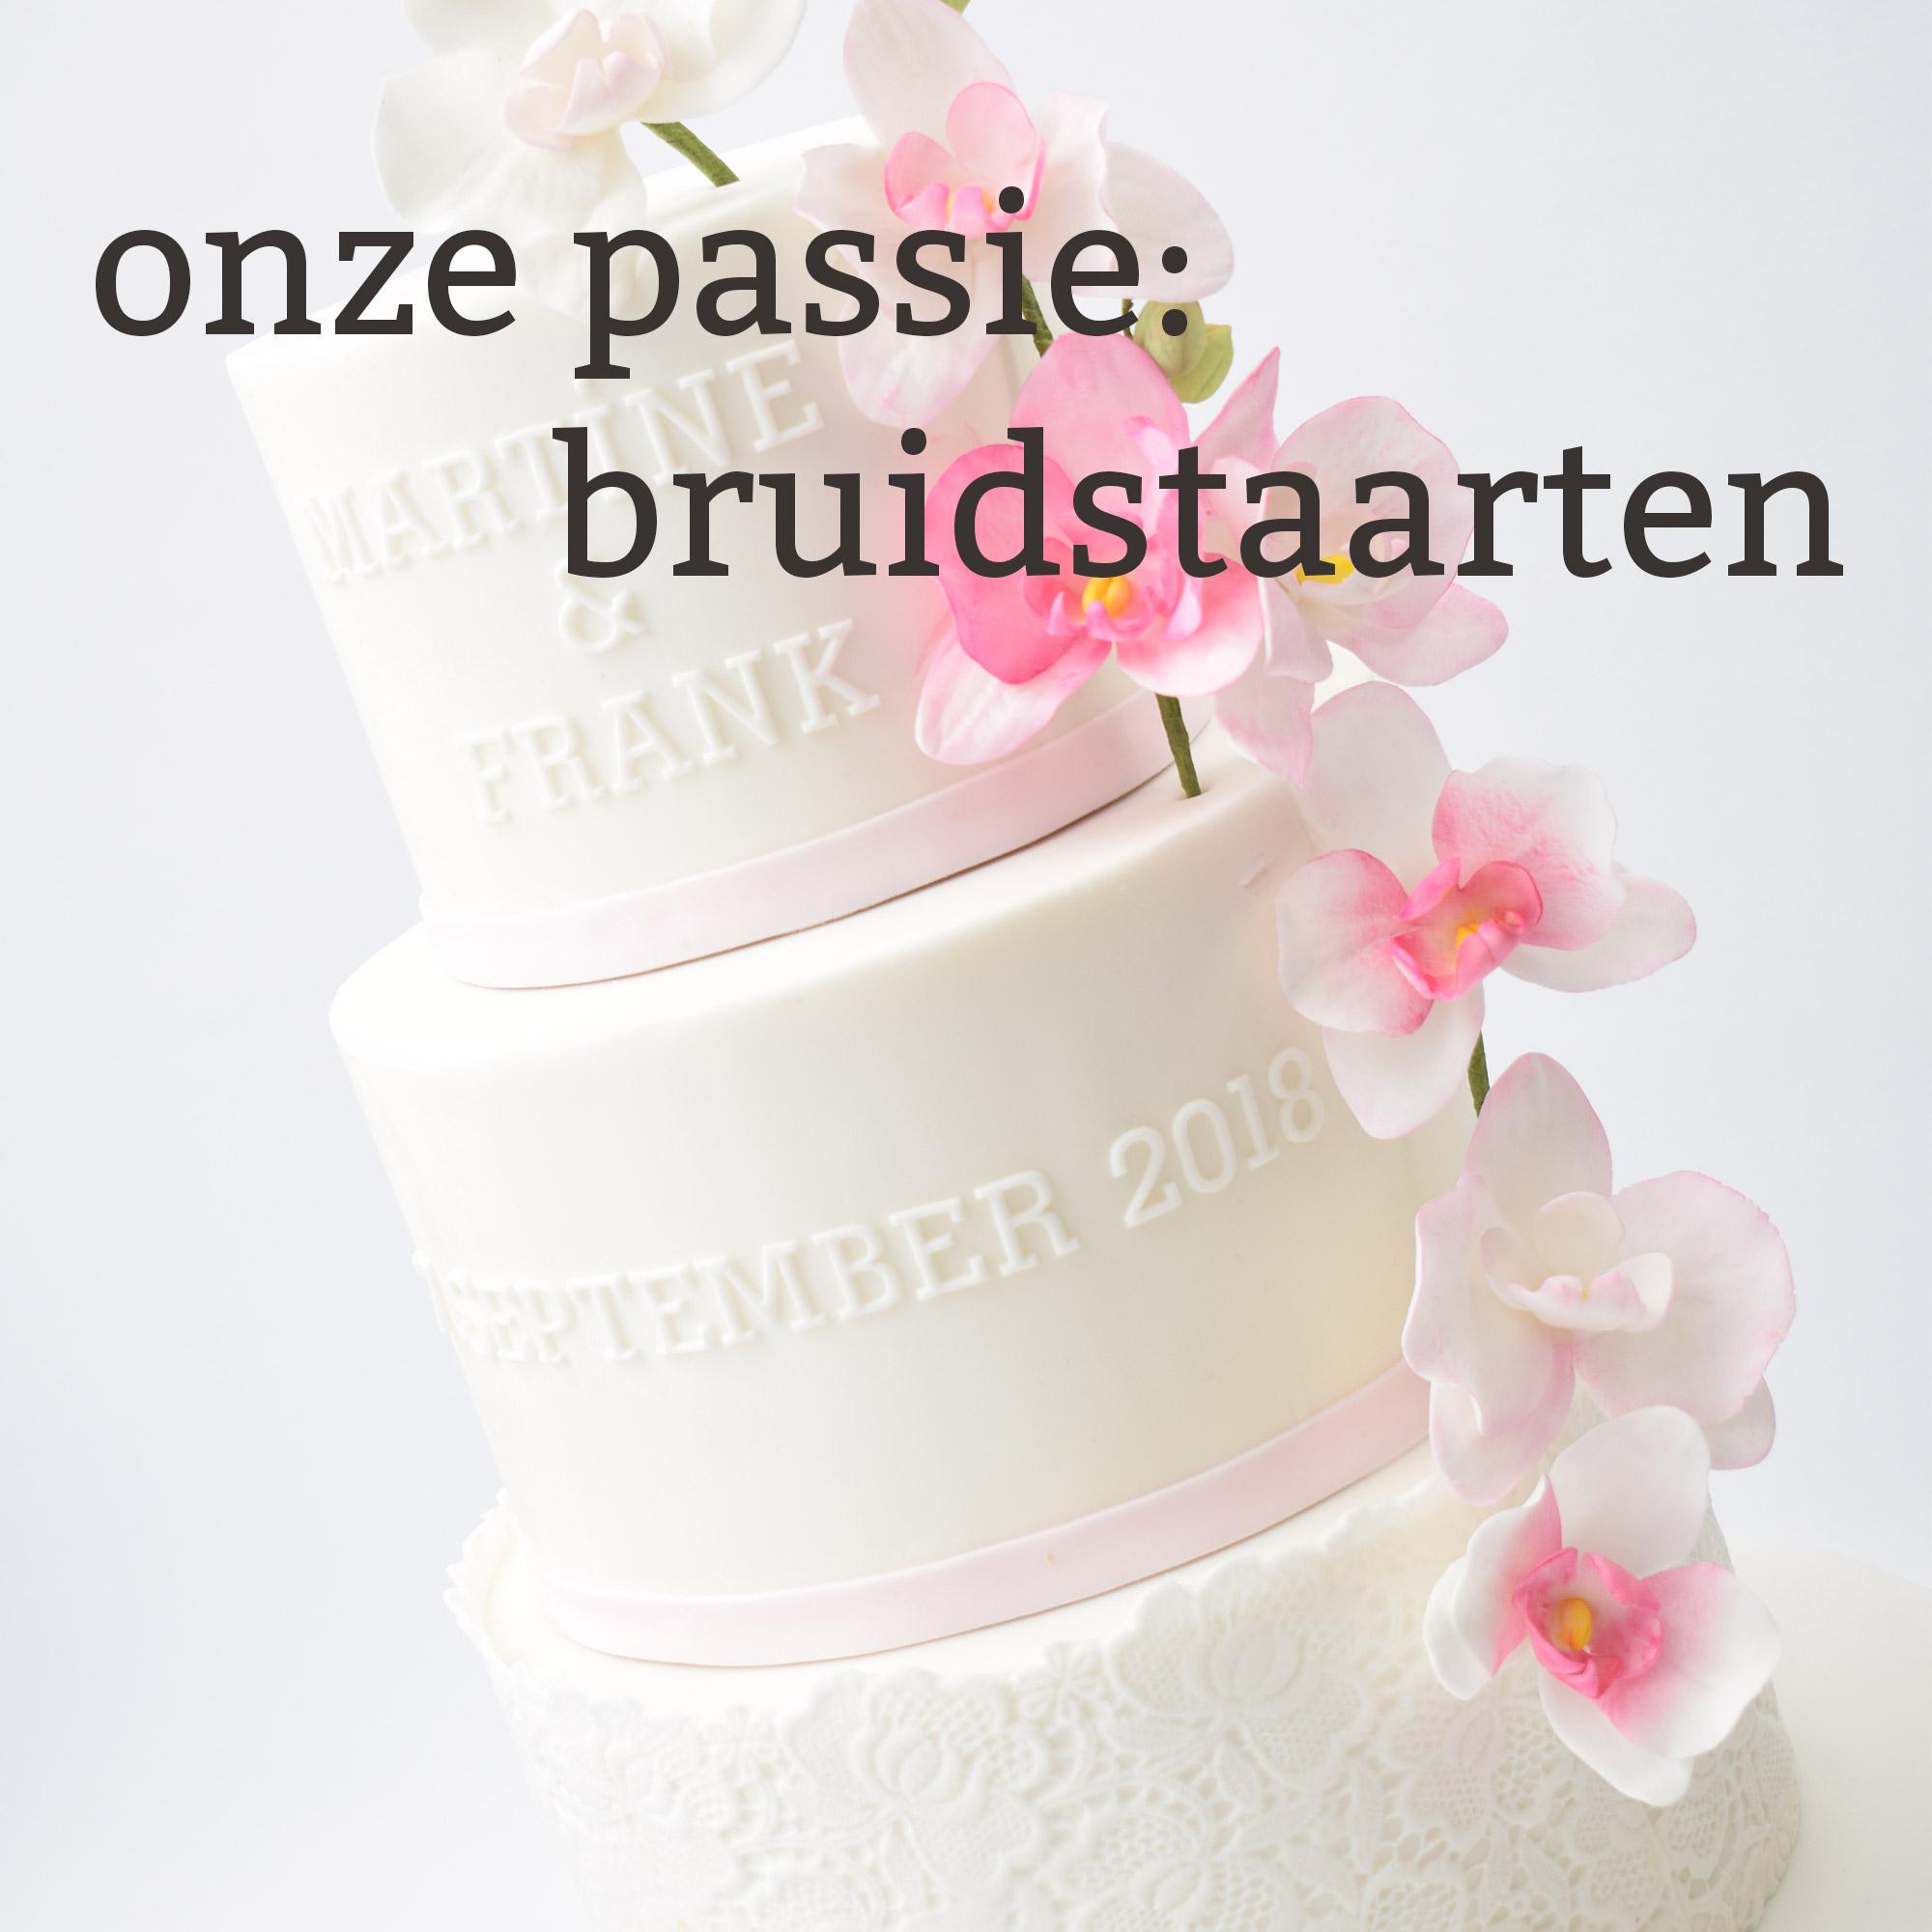 Bruidstaart_Gelderland